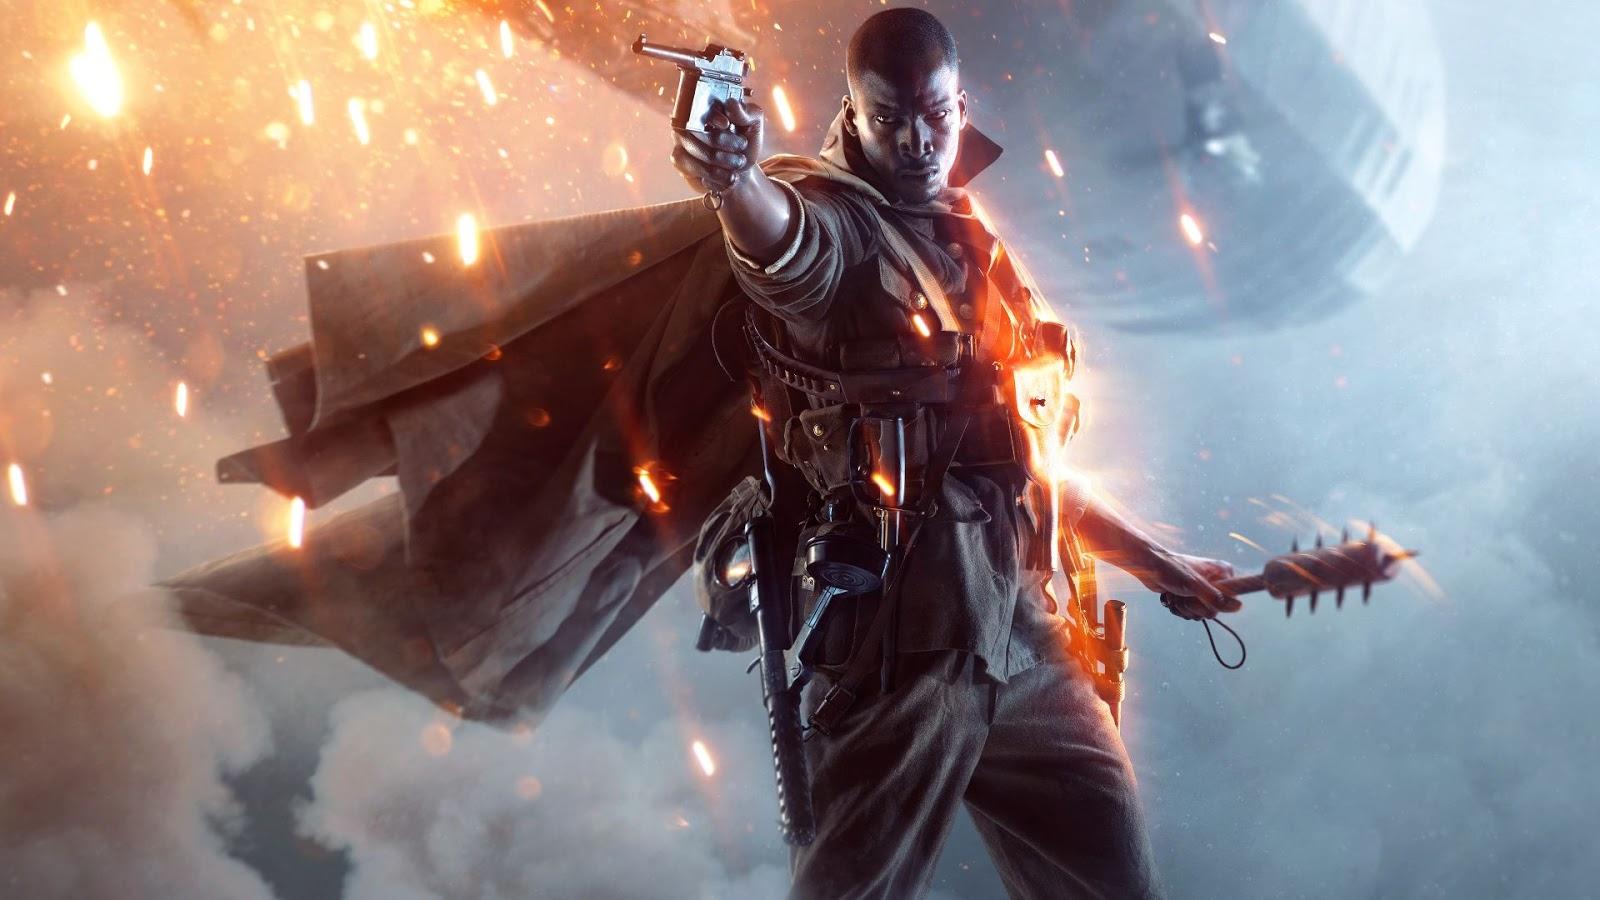 El próximo Battlefield se estrenará en 2018